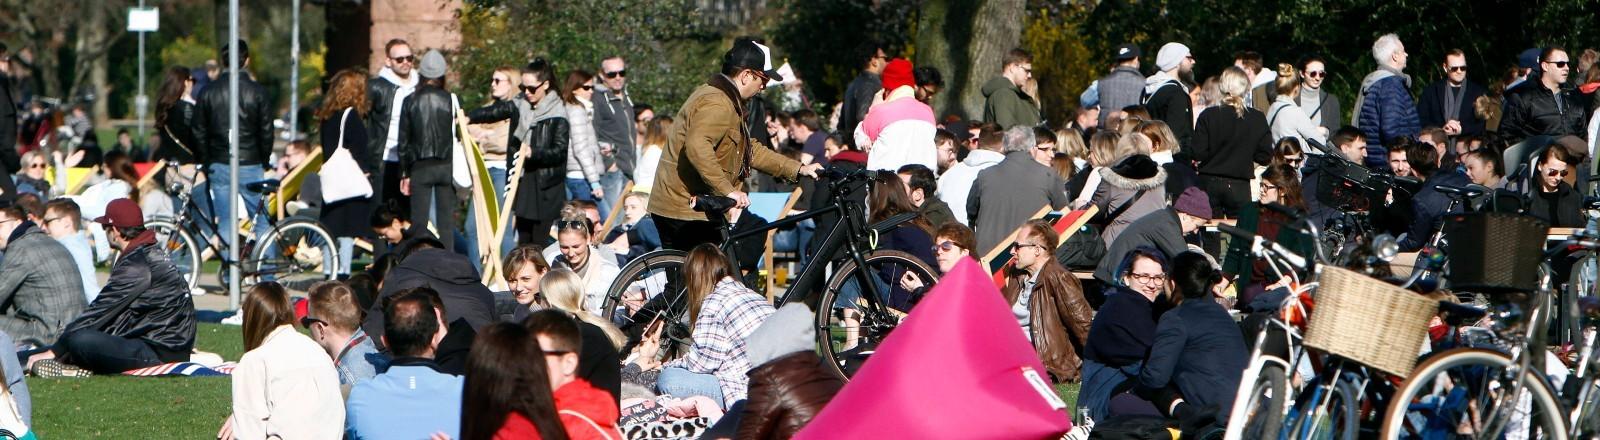 Menschenmassen in einem Frankfurter Park